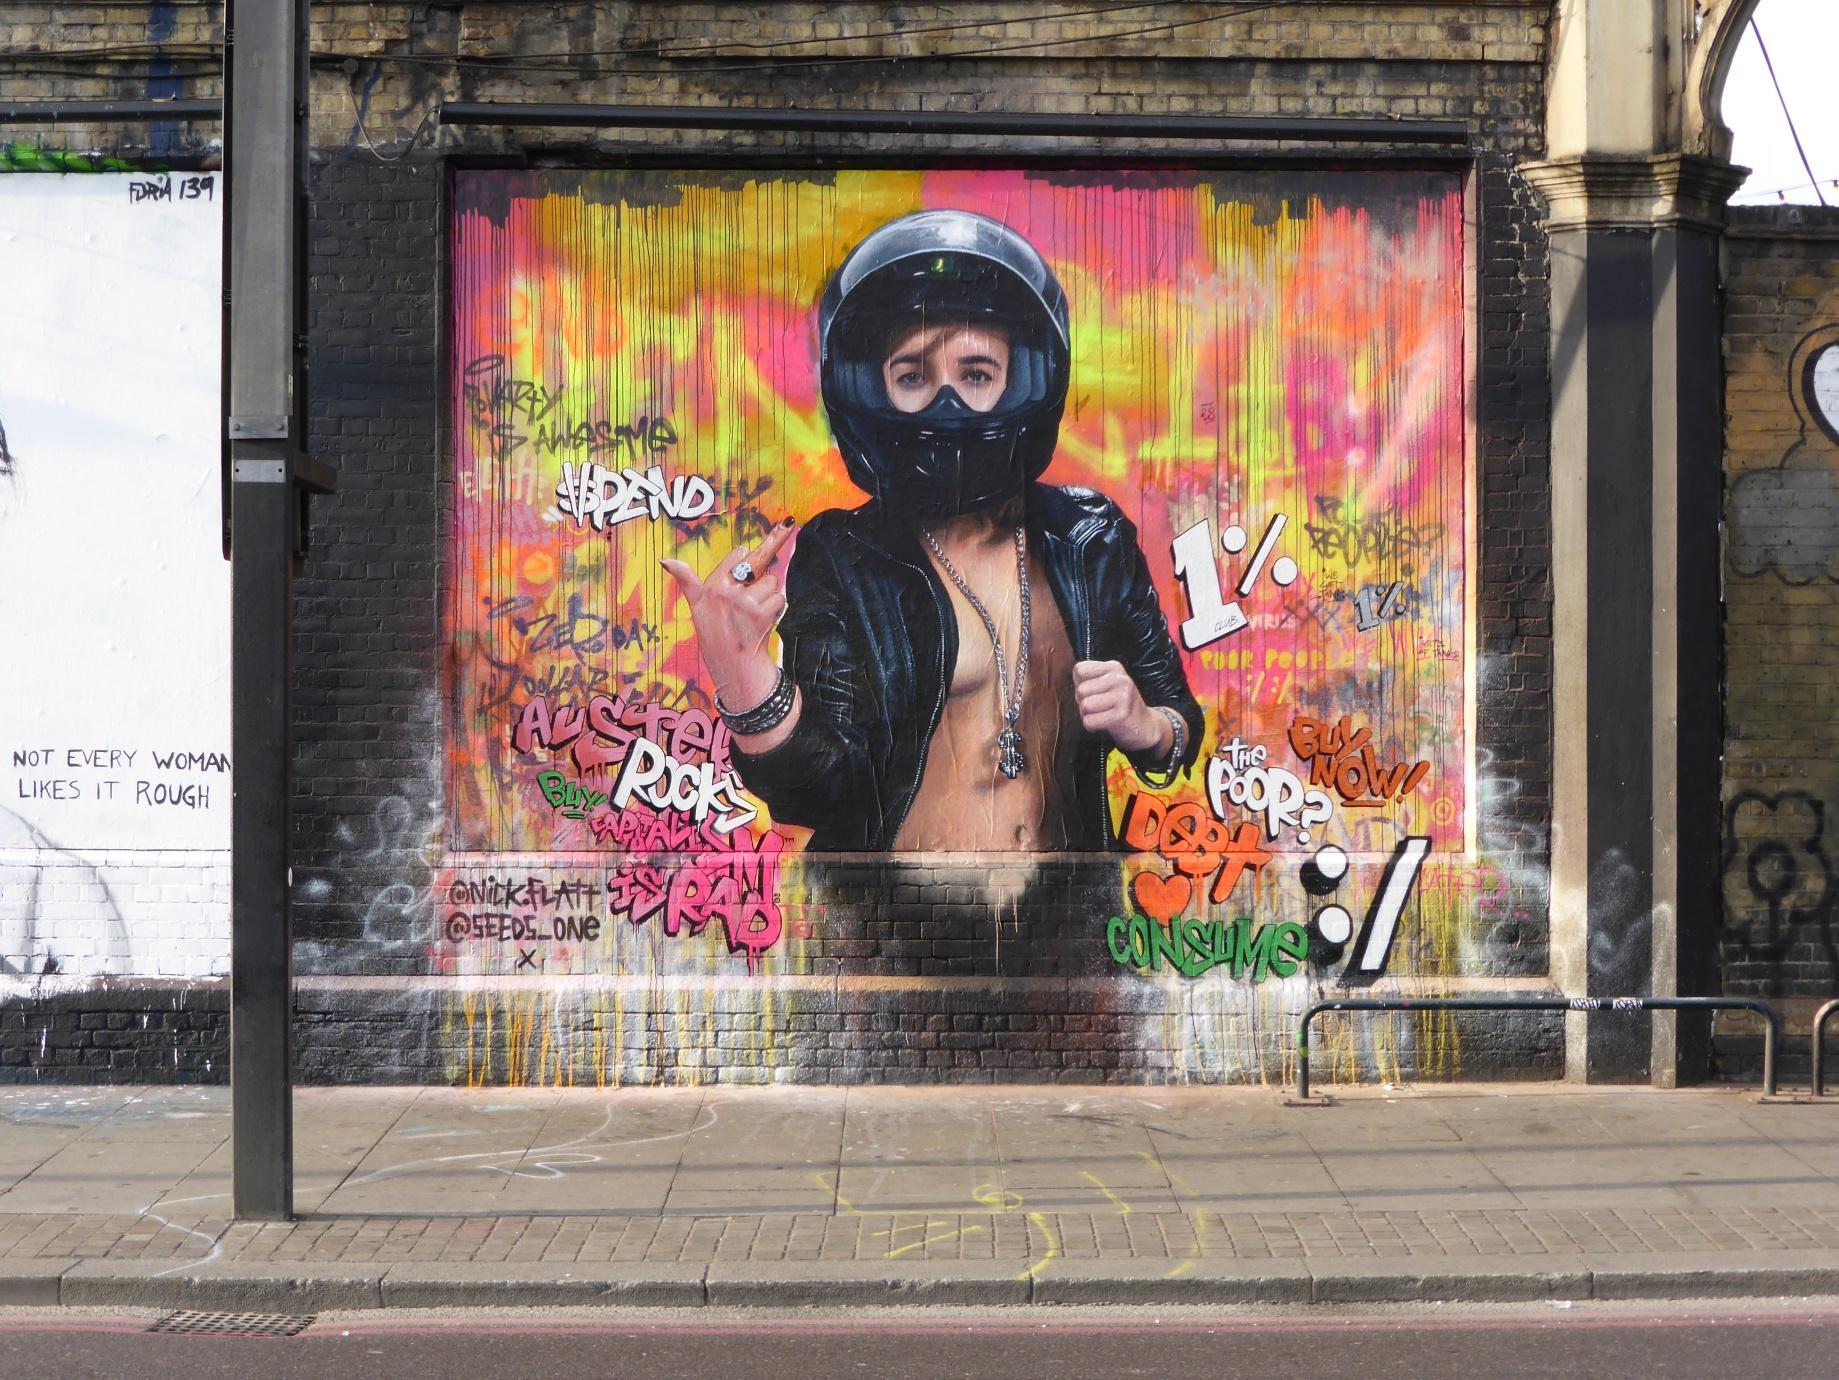 2015 a year of street art in london